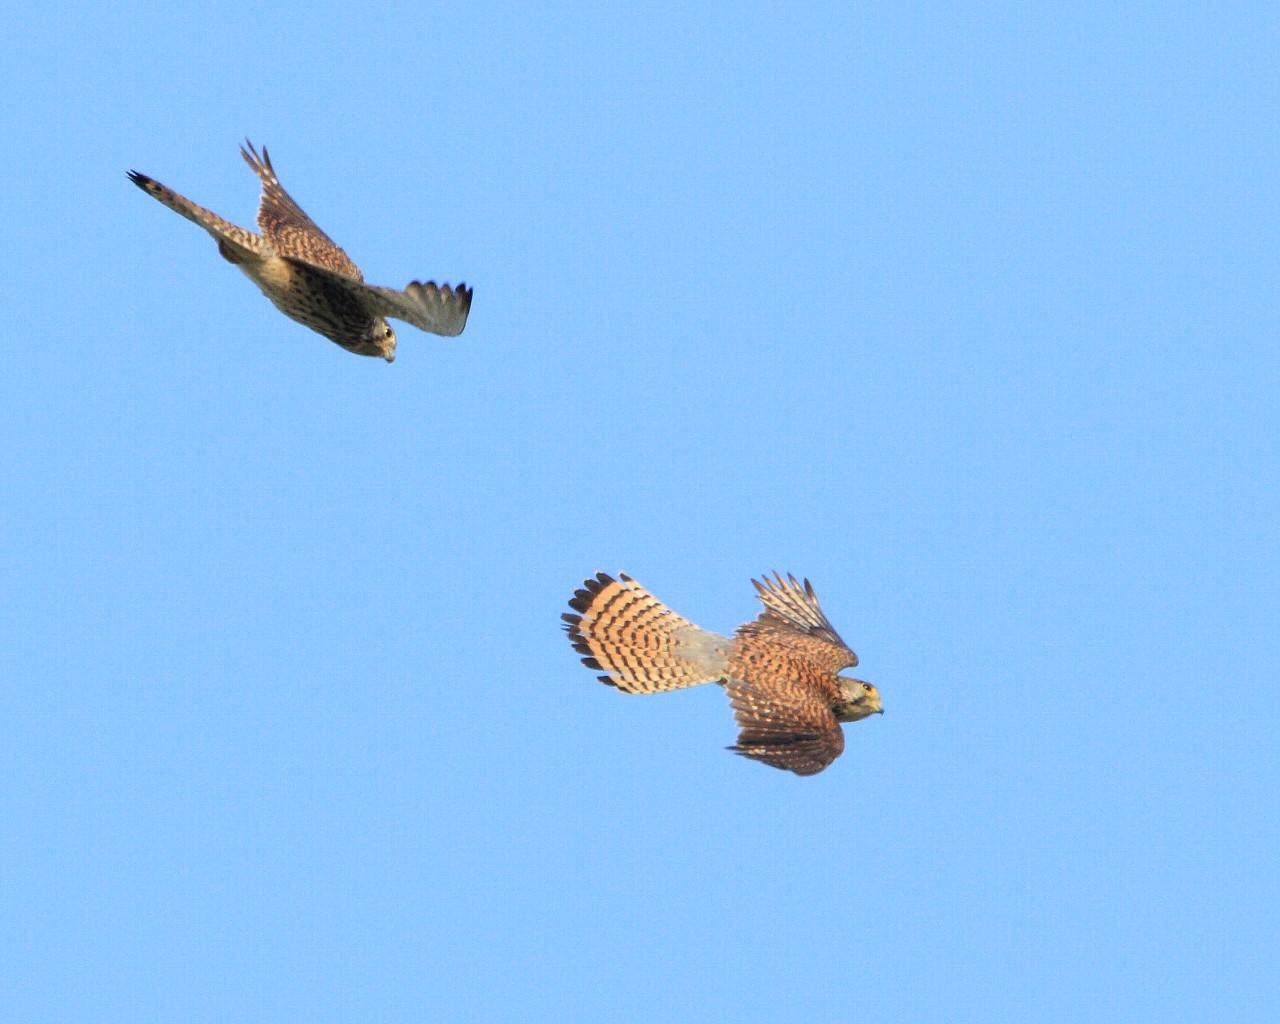 相模大橋のチョウゲンボウ幼鳥2羽で飛行訓練_f0105570_22231277.jpg